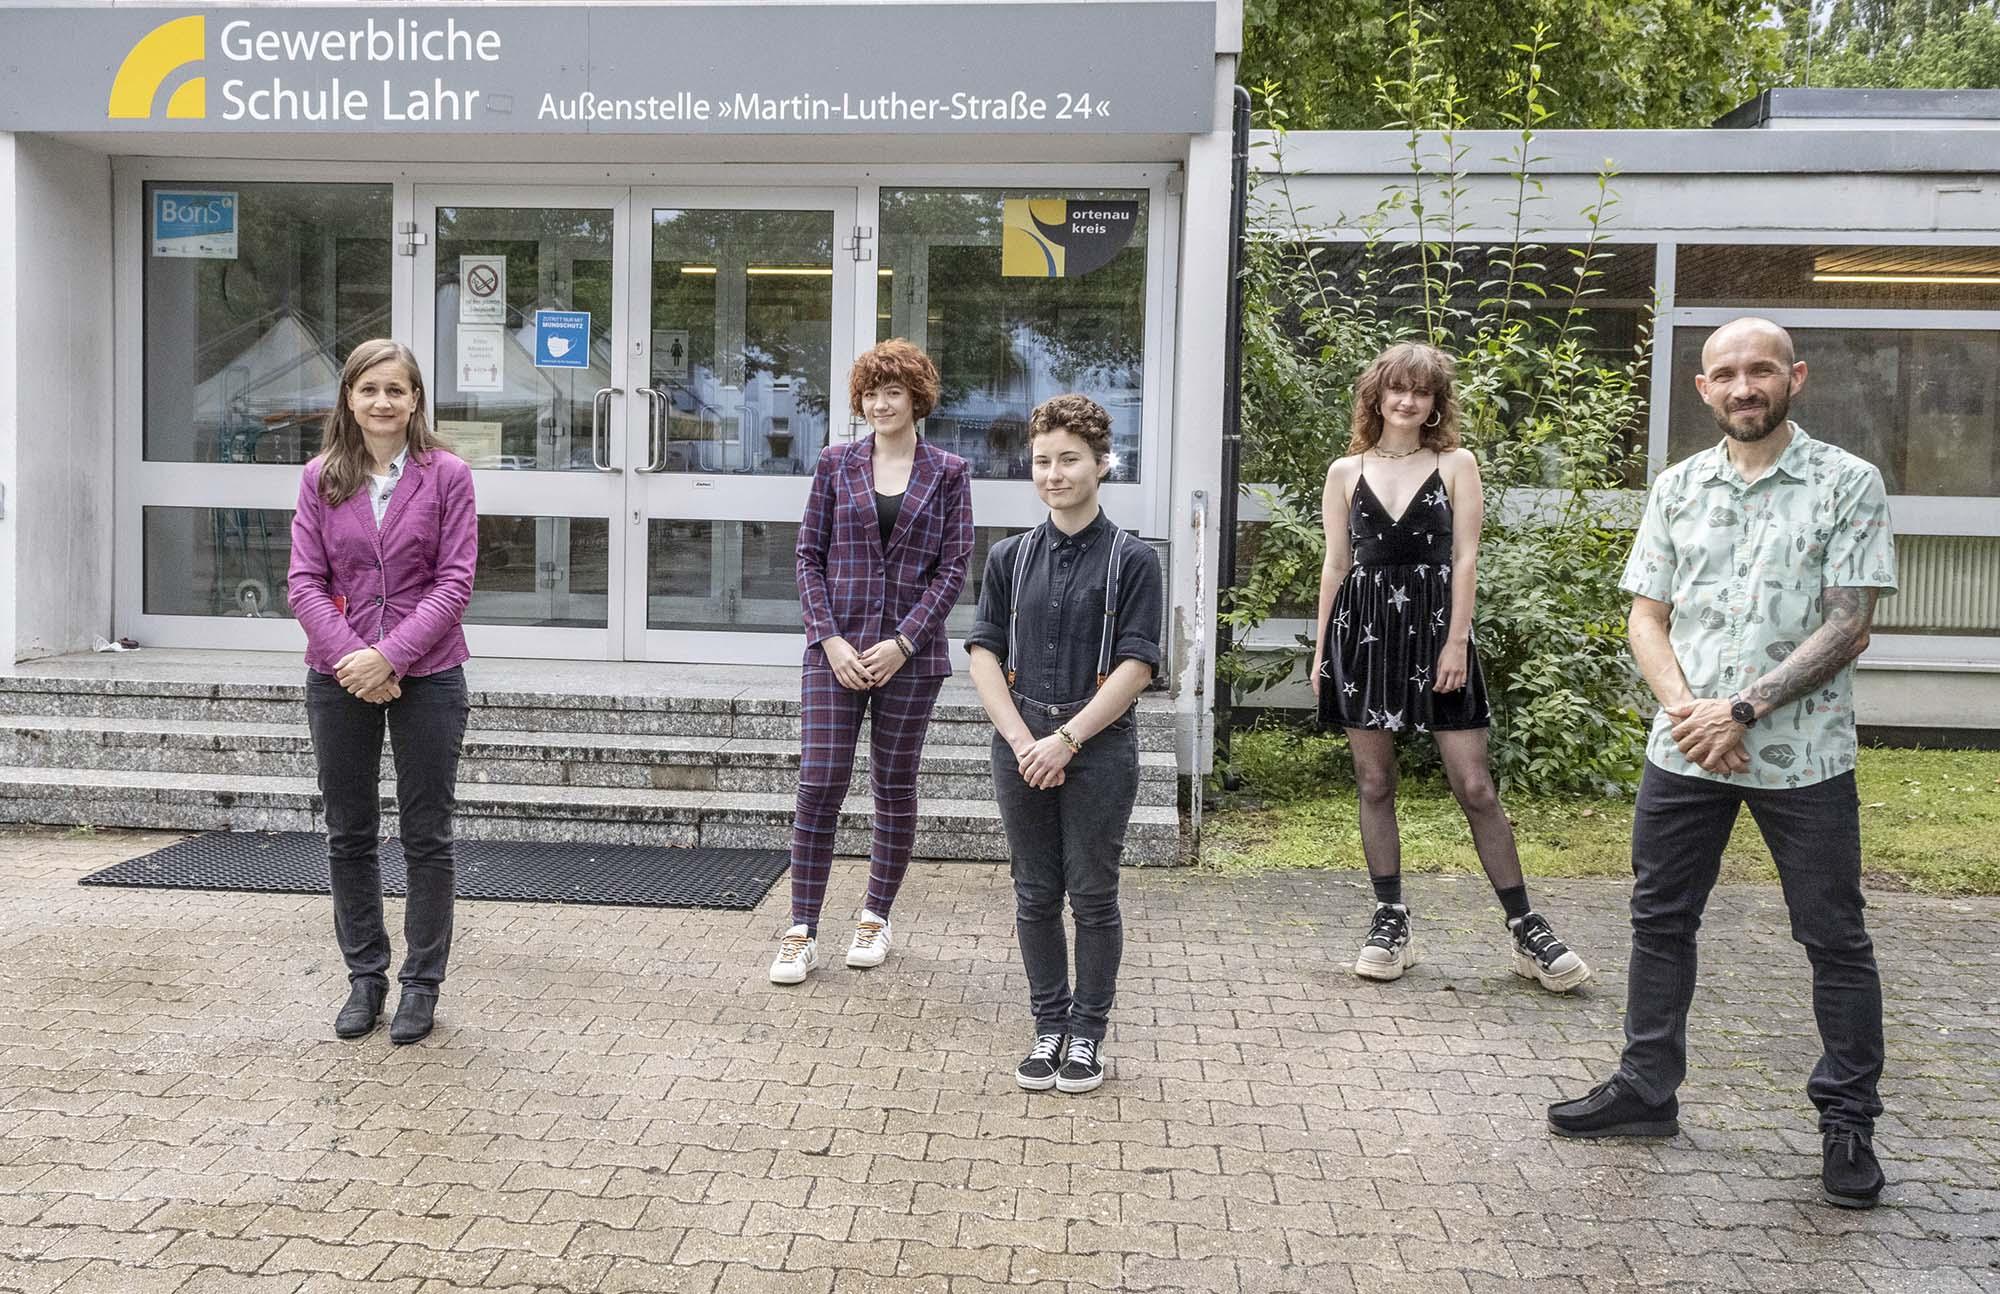 2021-7-26-Lahr-Schule-Gewerbeschule Grafik-Design-GSL BKGD Preise